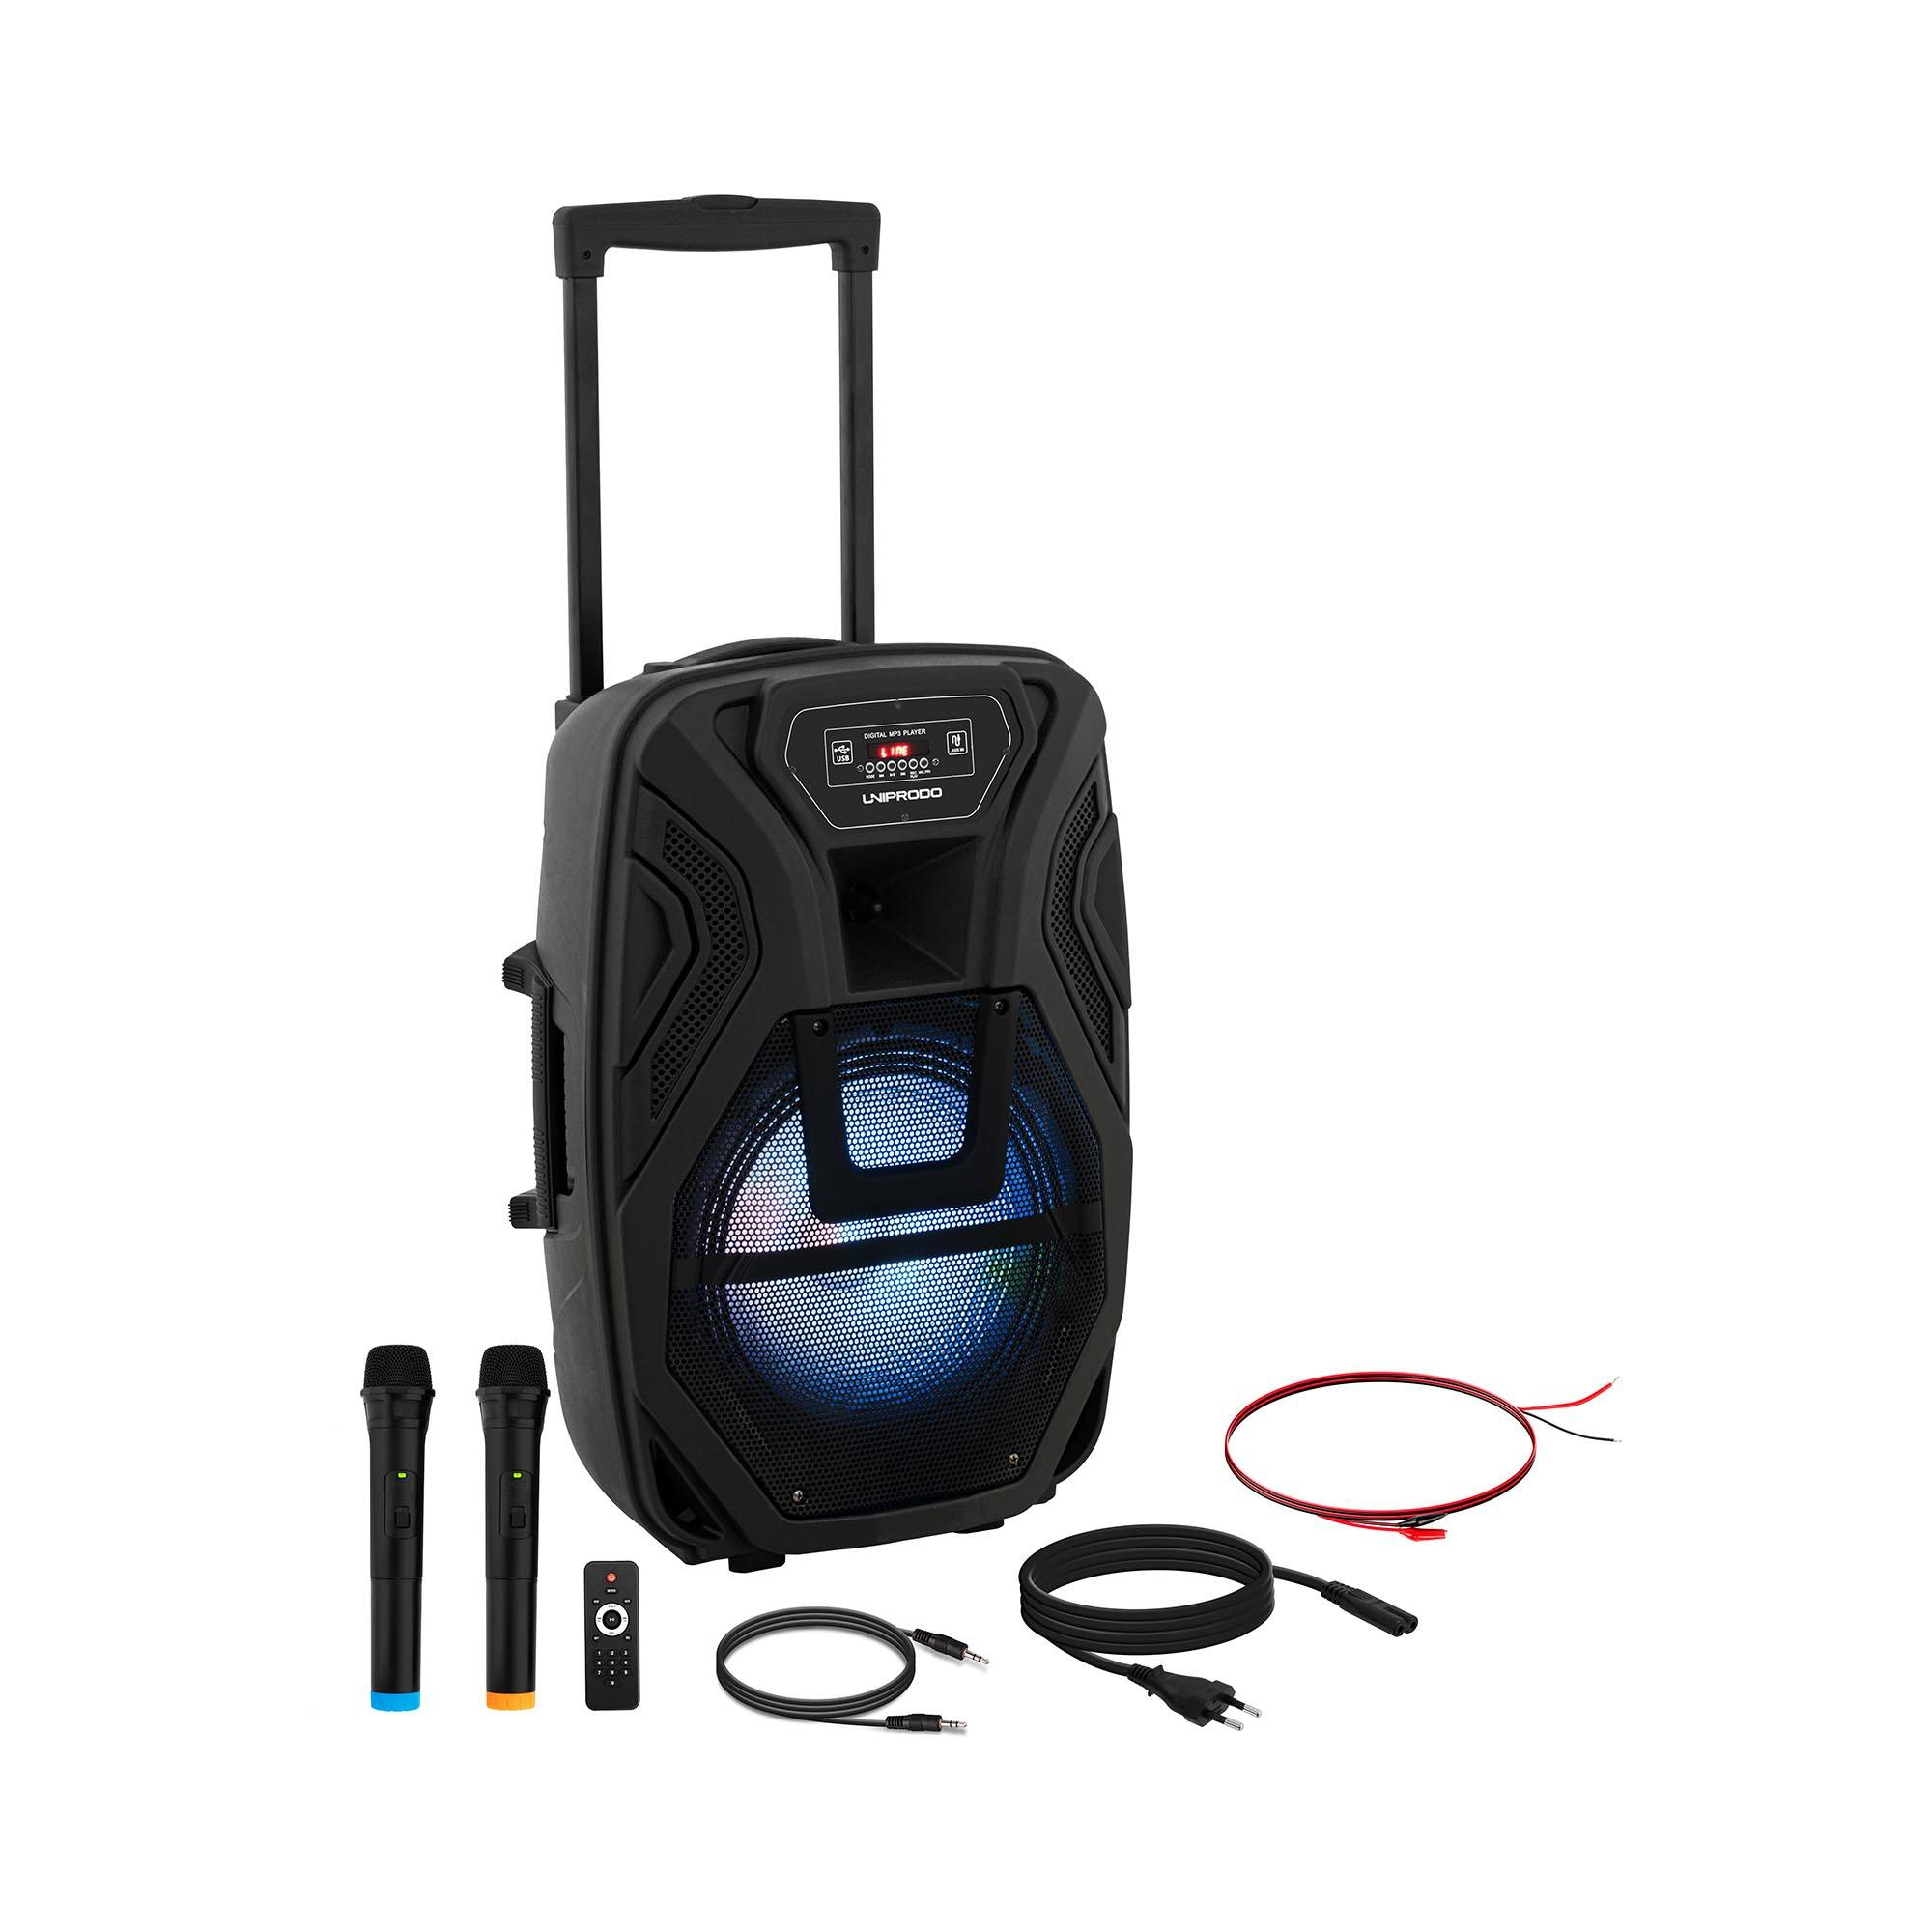 Uniprodo Cassa amplificata portatile - 2 microfoni - telecomando - 40 W CON.PAS12-01